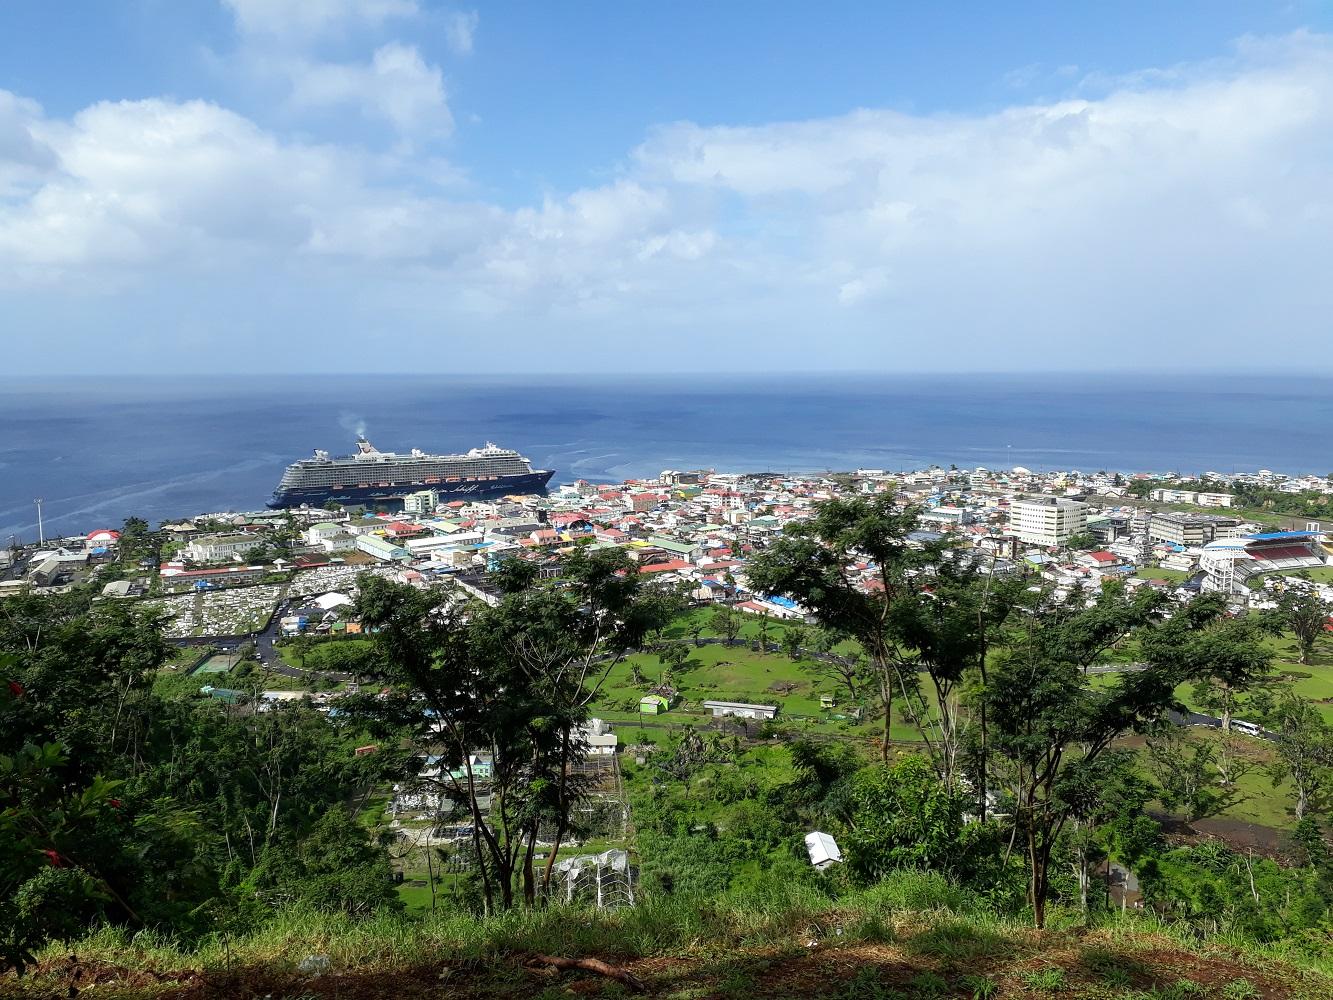 Die Mein Schiff gesehen vom Morne Bruce Aussichtspunkt  auf Dominica